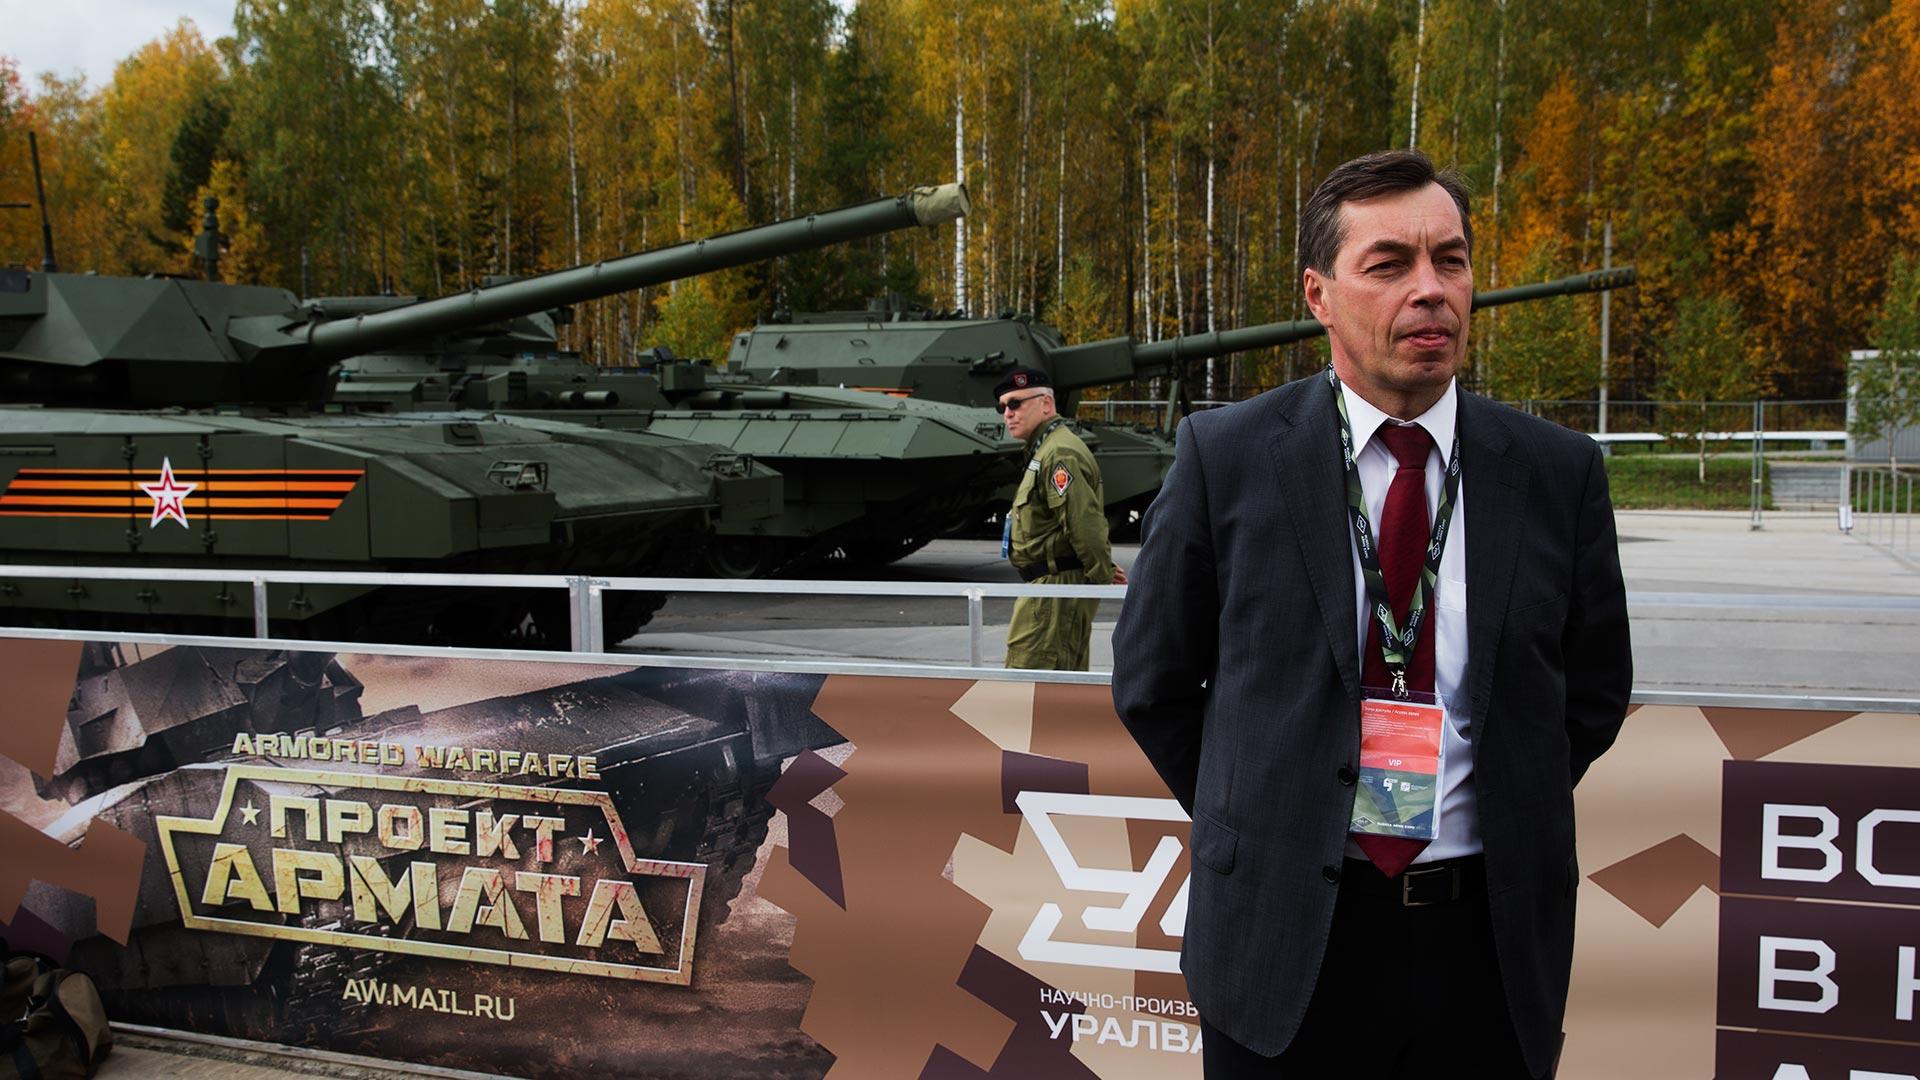 Главный конструктор Арматы Андрей Терликов